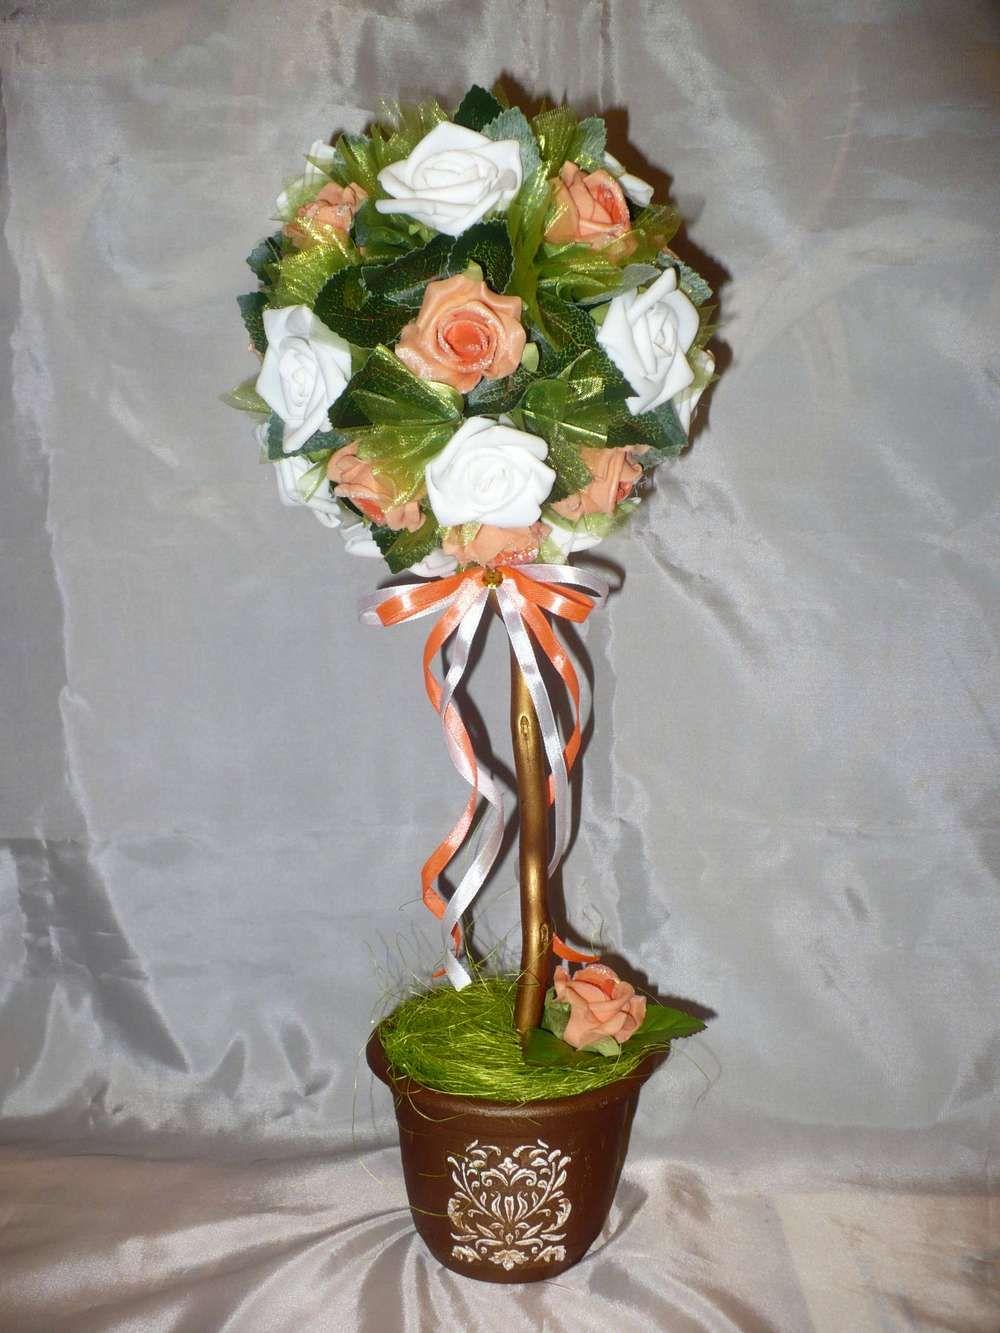 Топиарий из фоамирана: мастер класс из роз, фото из цветов, как сделать своими руками, новогодний топиарий, денежное дерево, видео